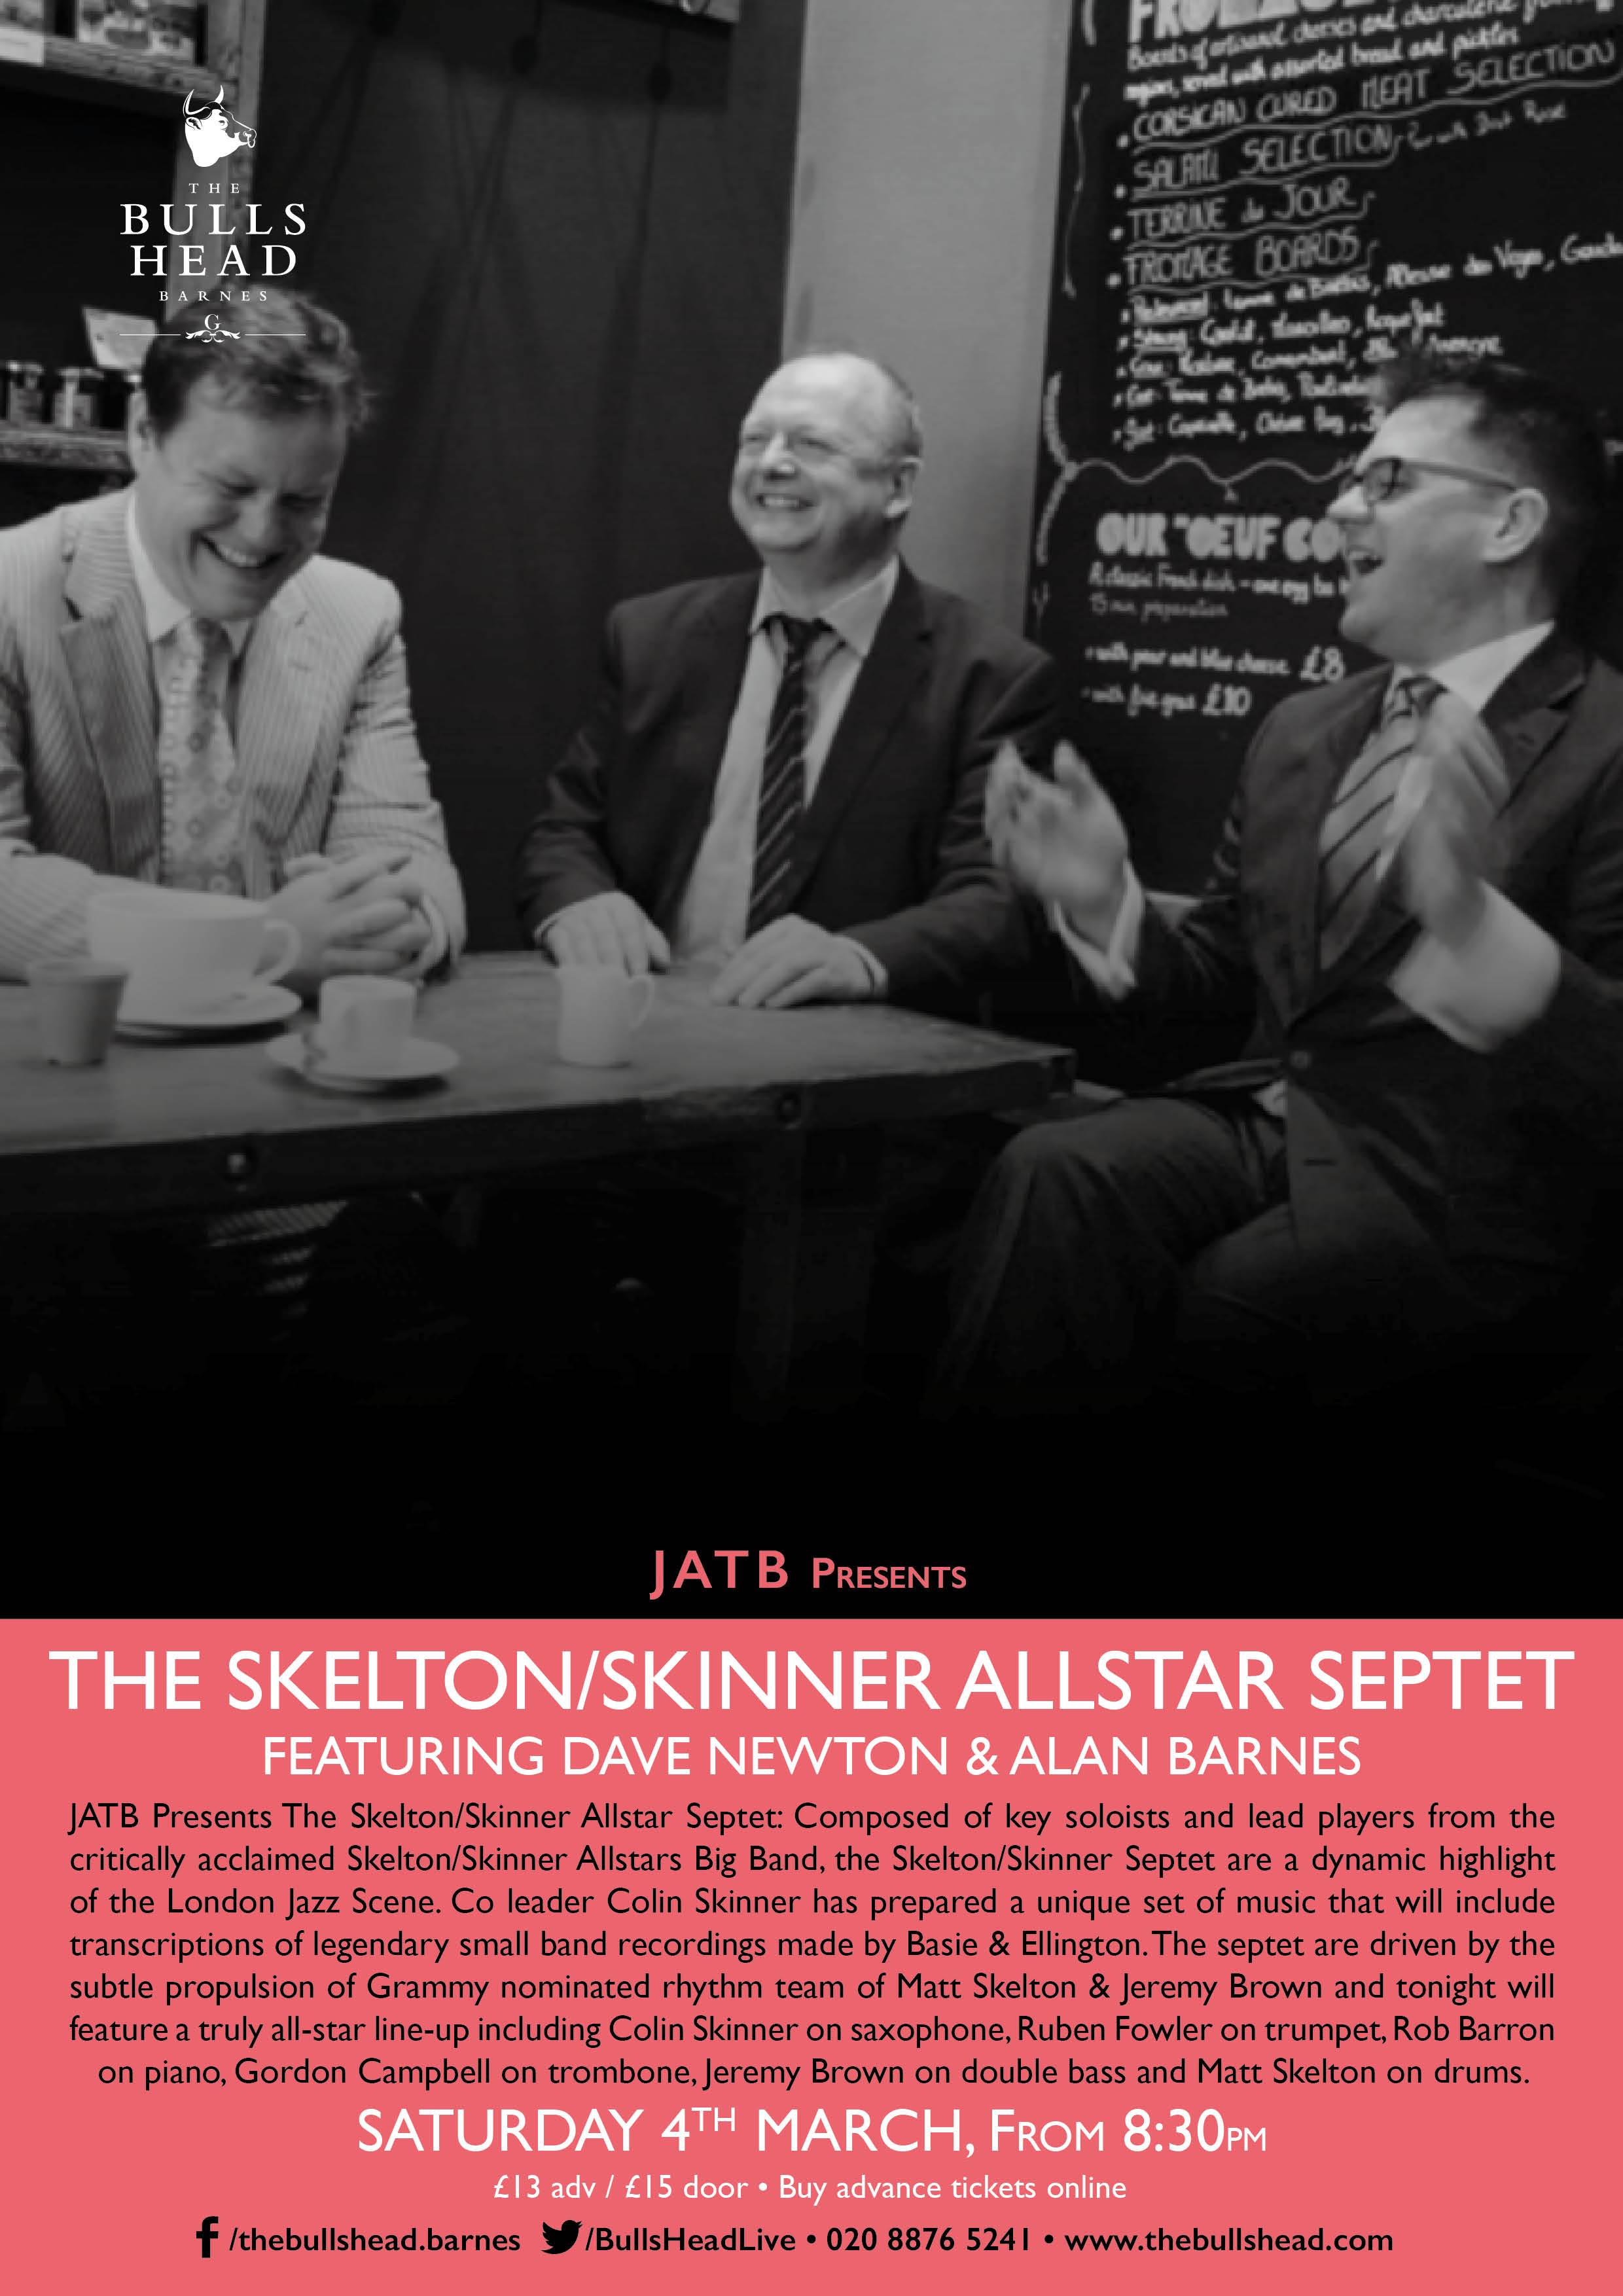 JATB Presents The Skelton/Skinner Allstar Septet ft Dave Newton and Alan Barnes